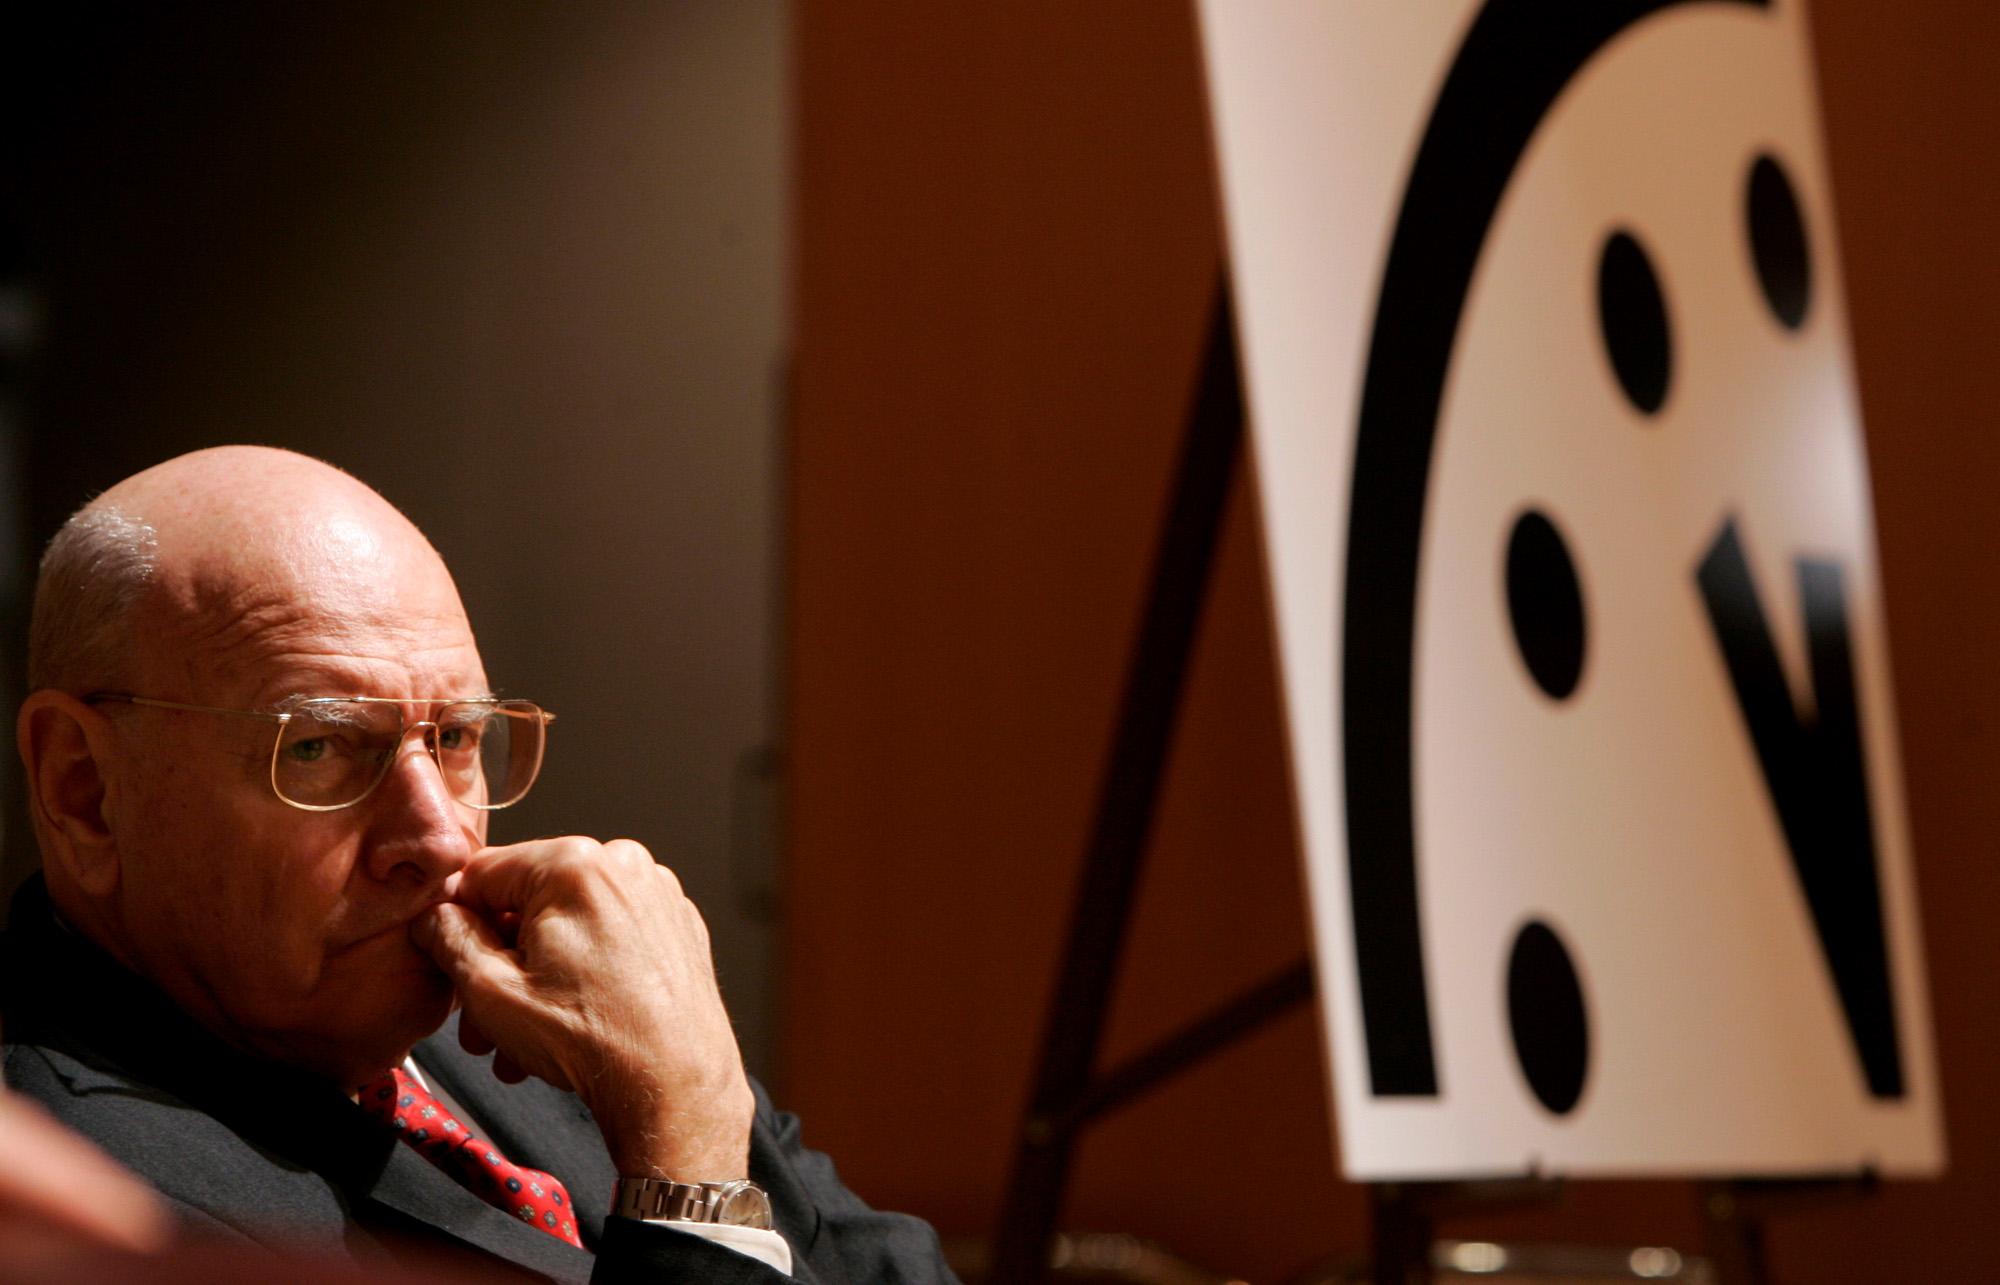 Стрелки «часов Судного дня» сдвинулись на полминуты к ядерной полуночи